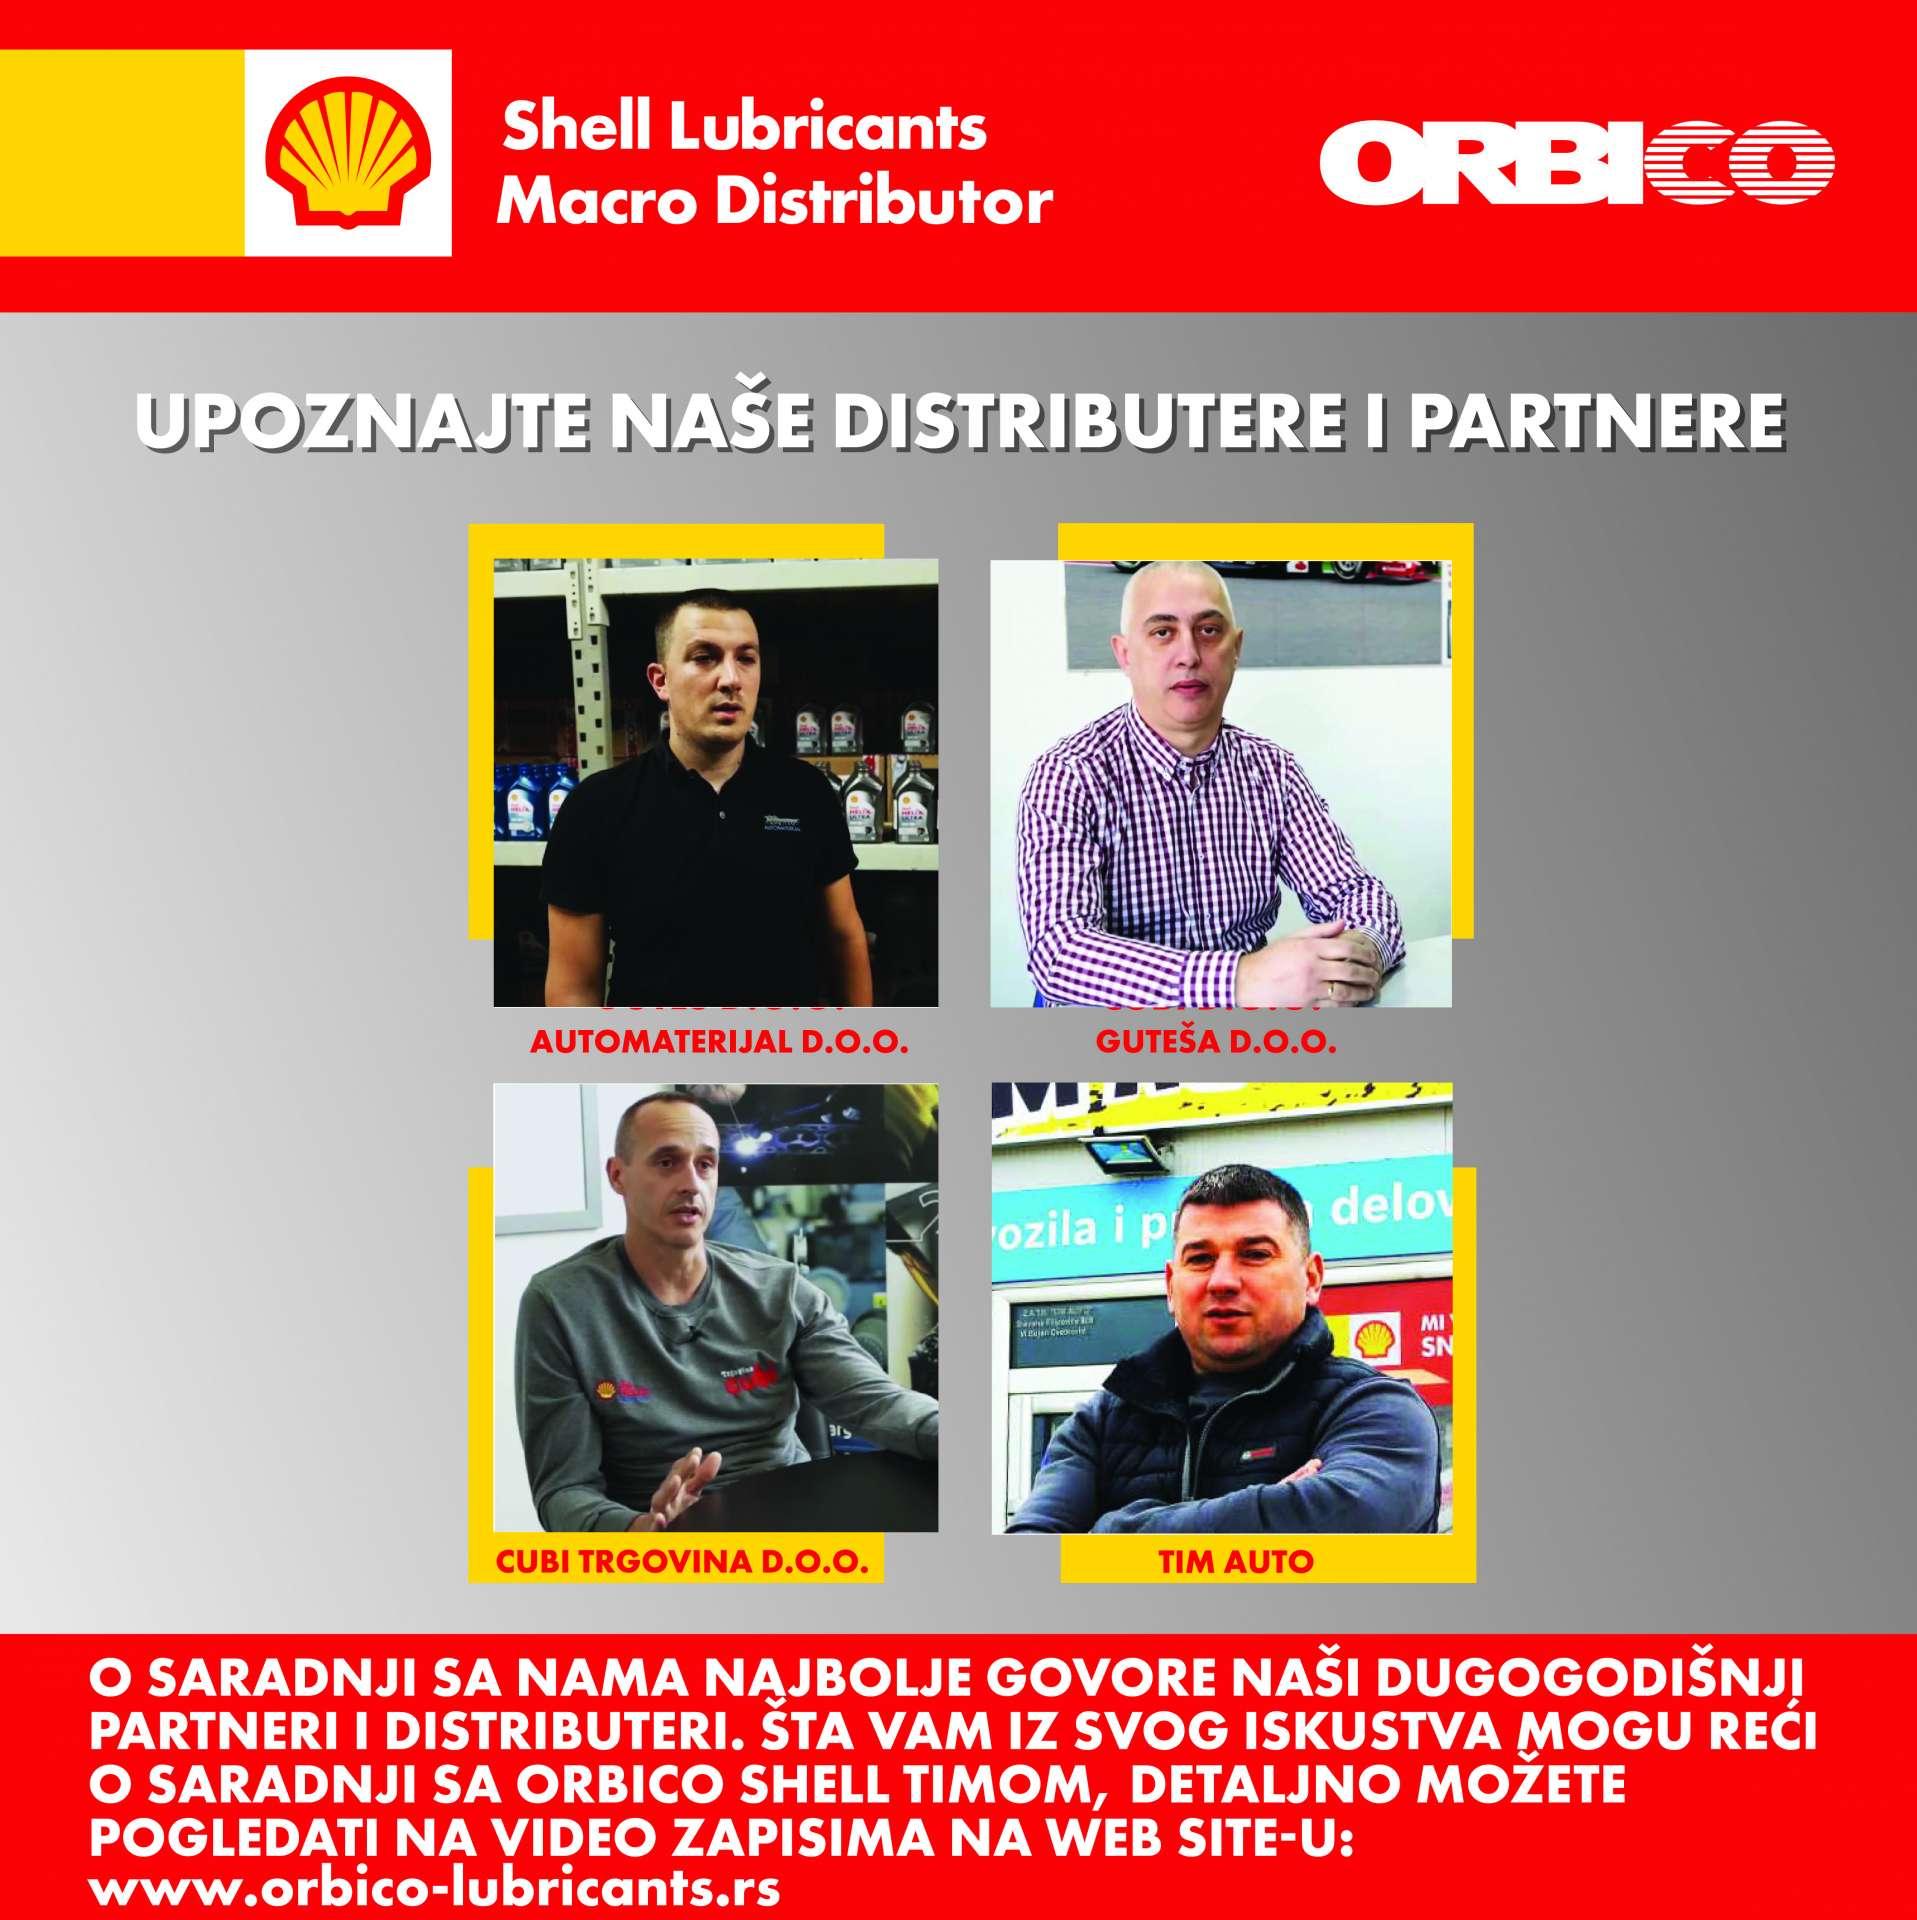 Upoznajte naše distributere i partnere